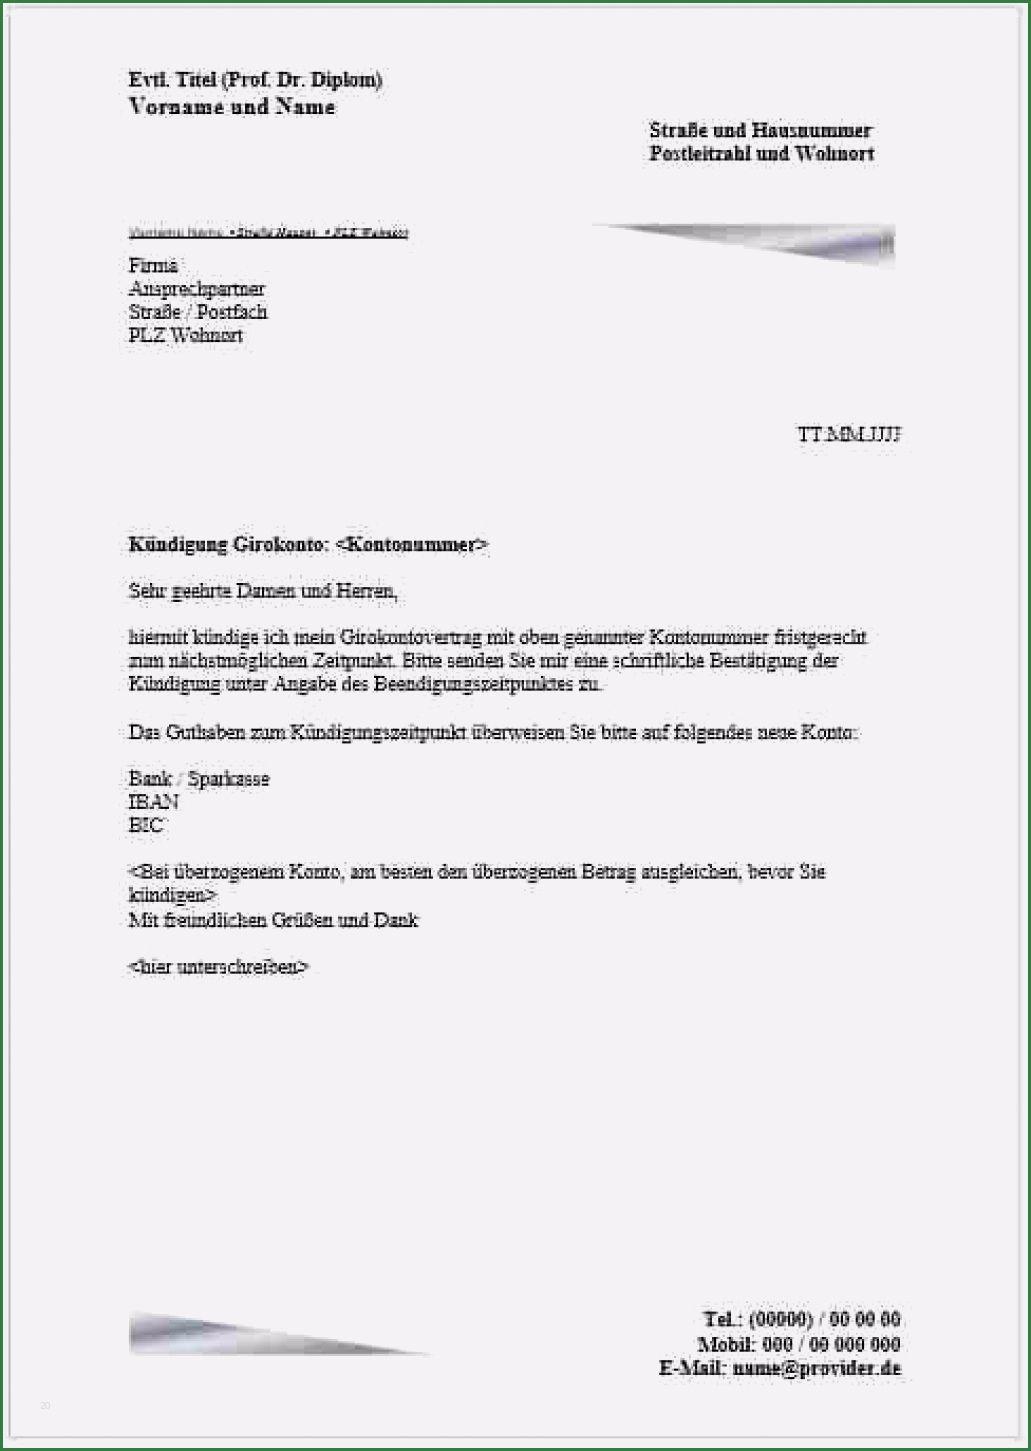 18 Fein Formloses Schreiben Vorlage In 2020 In 2020 Kundigung Schreiben Kundigung Vorlage Kundigung Mietvertrag